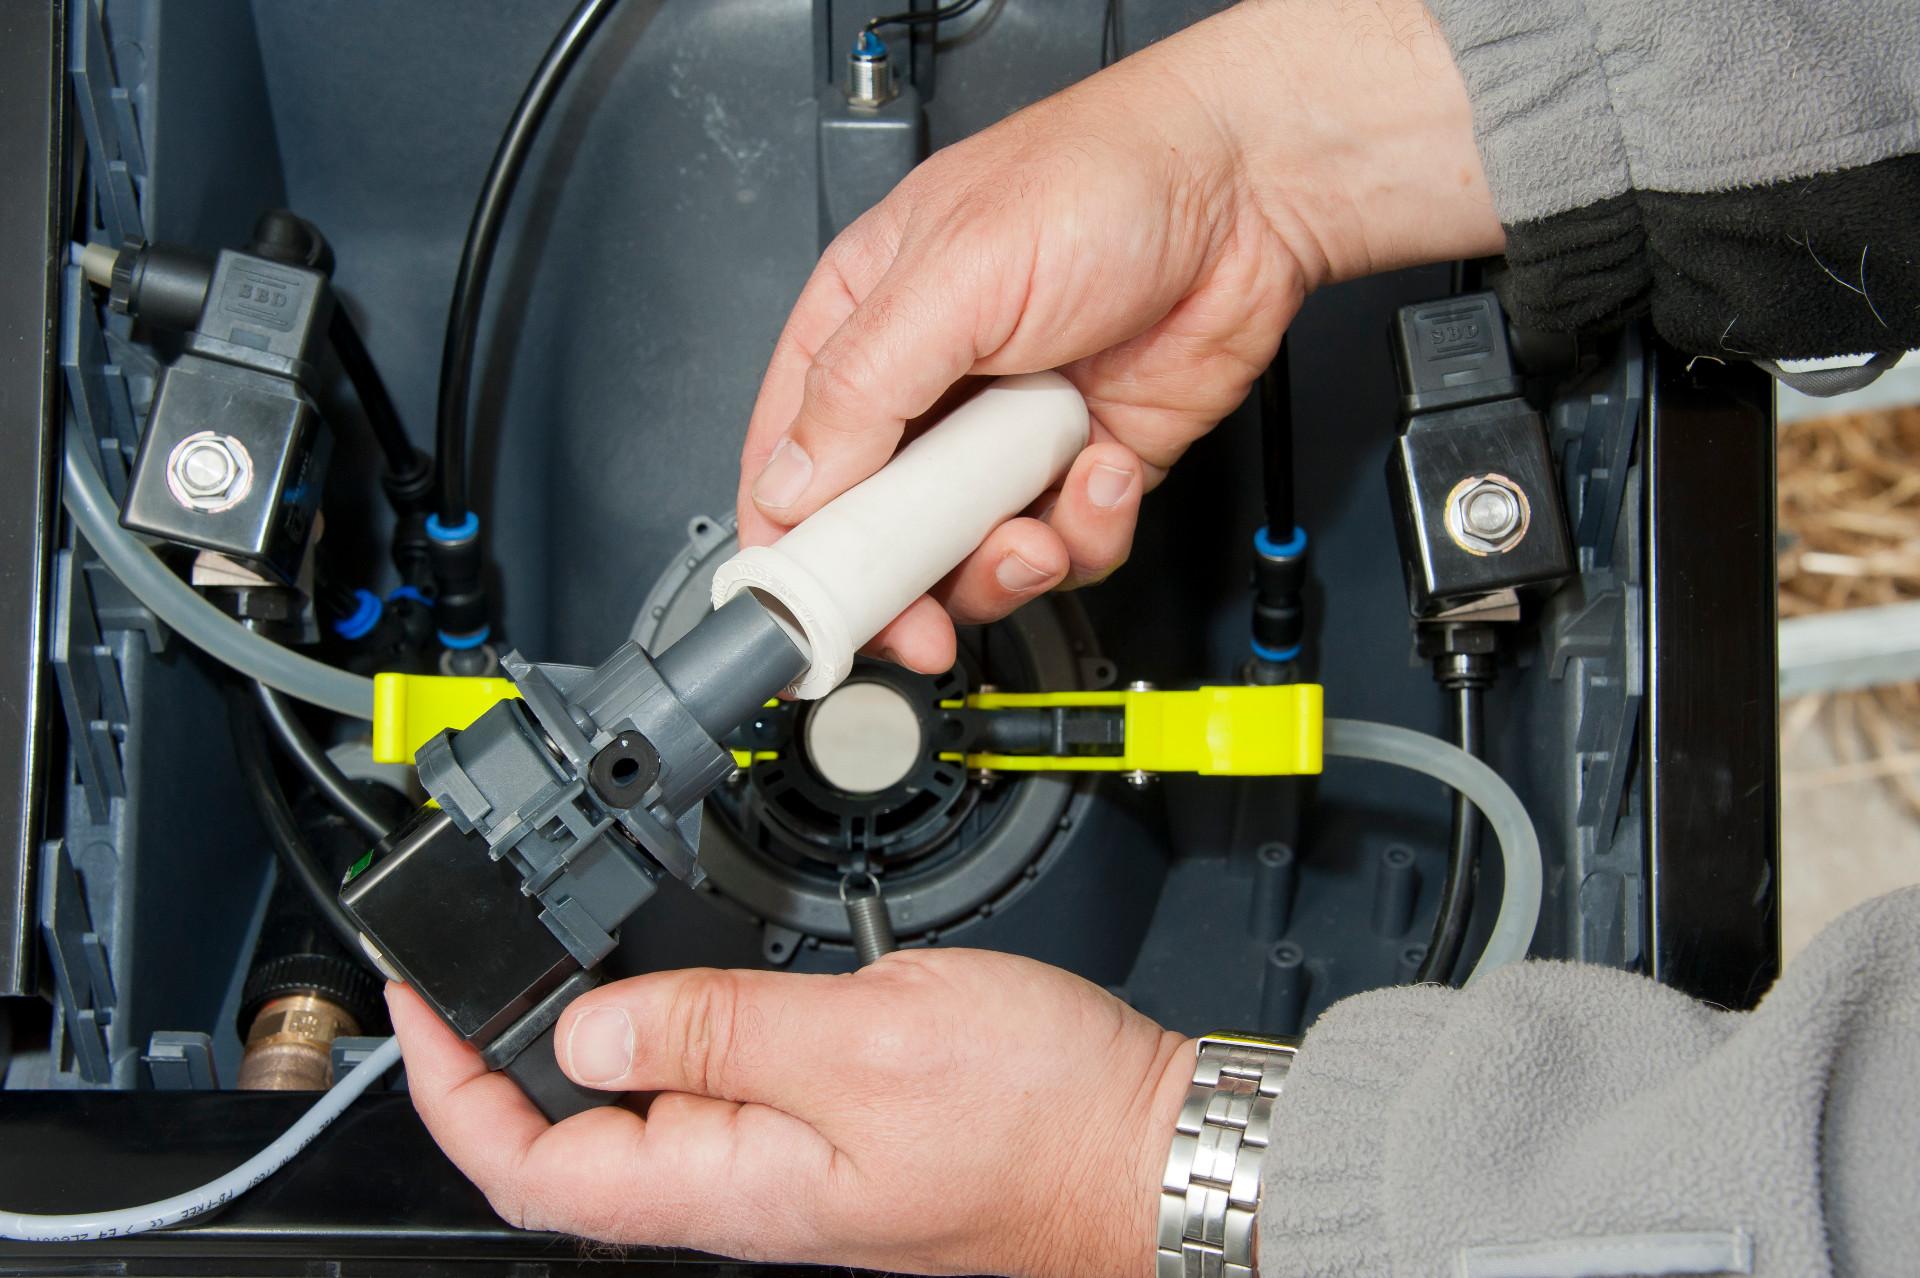 Nuckelschnellverschluss: Der Nuckel lässt sich mit einem Handgriff kinderleicht in Sekunden wechseln.